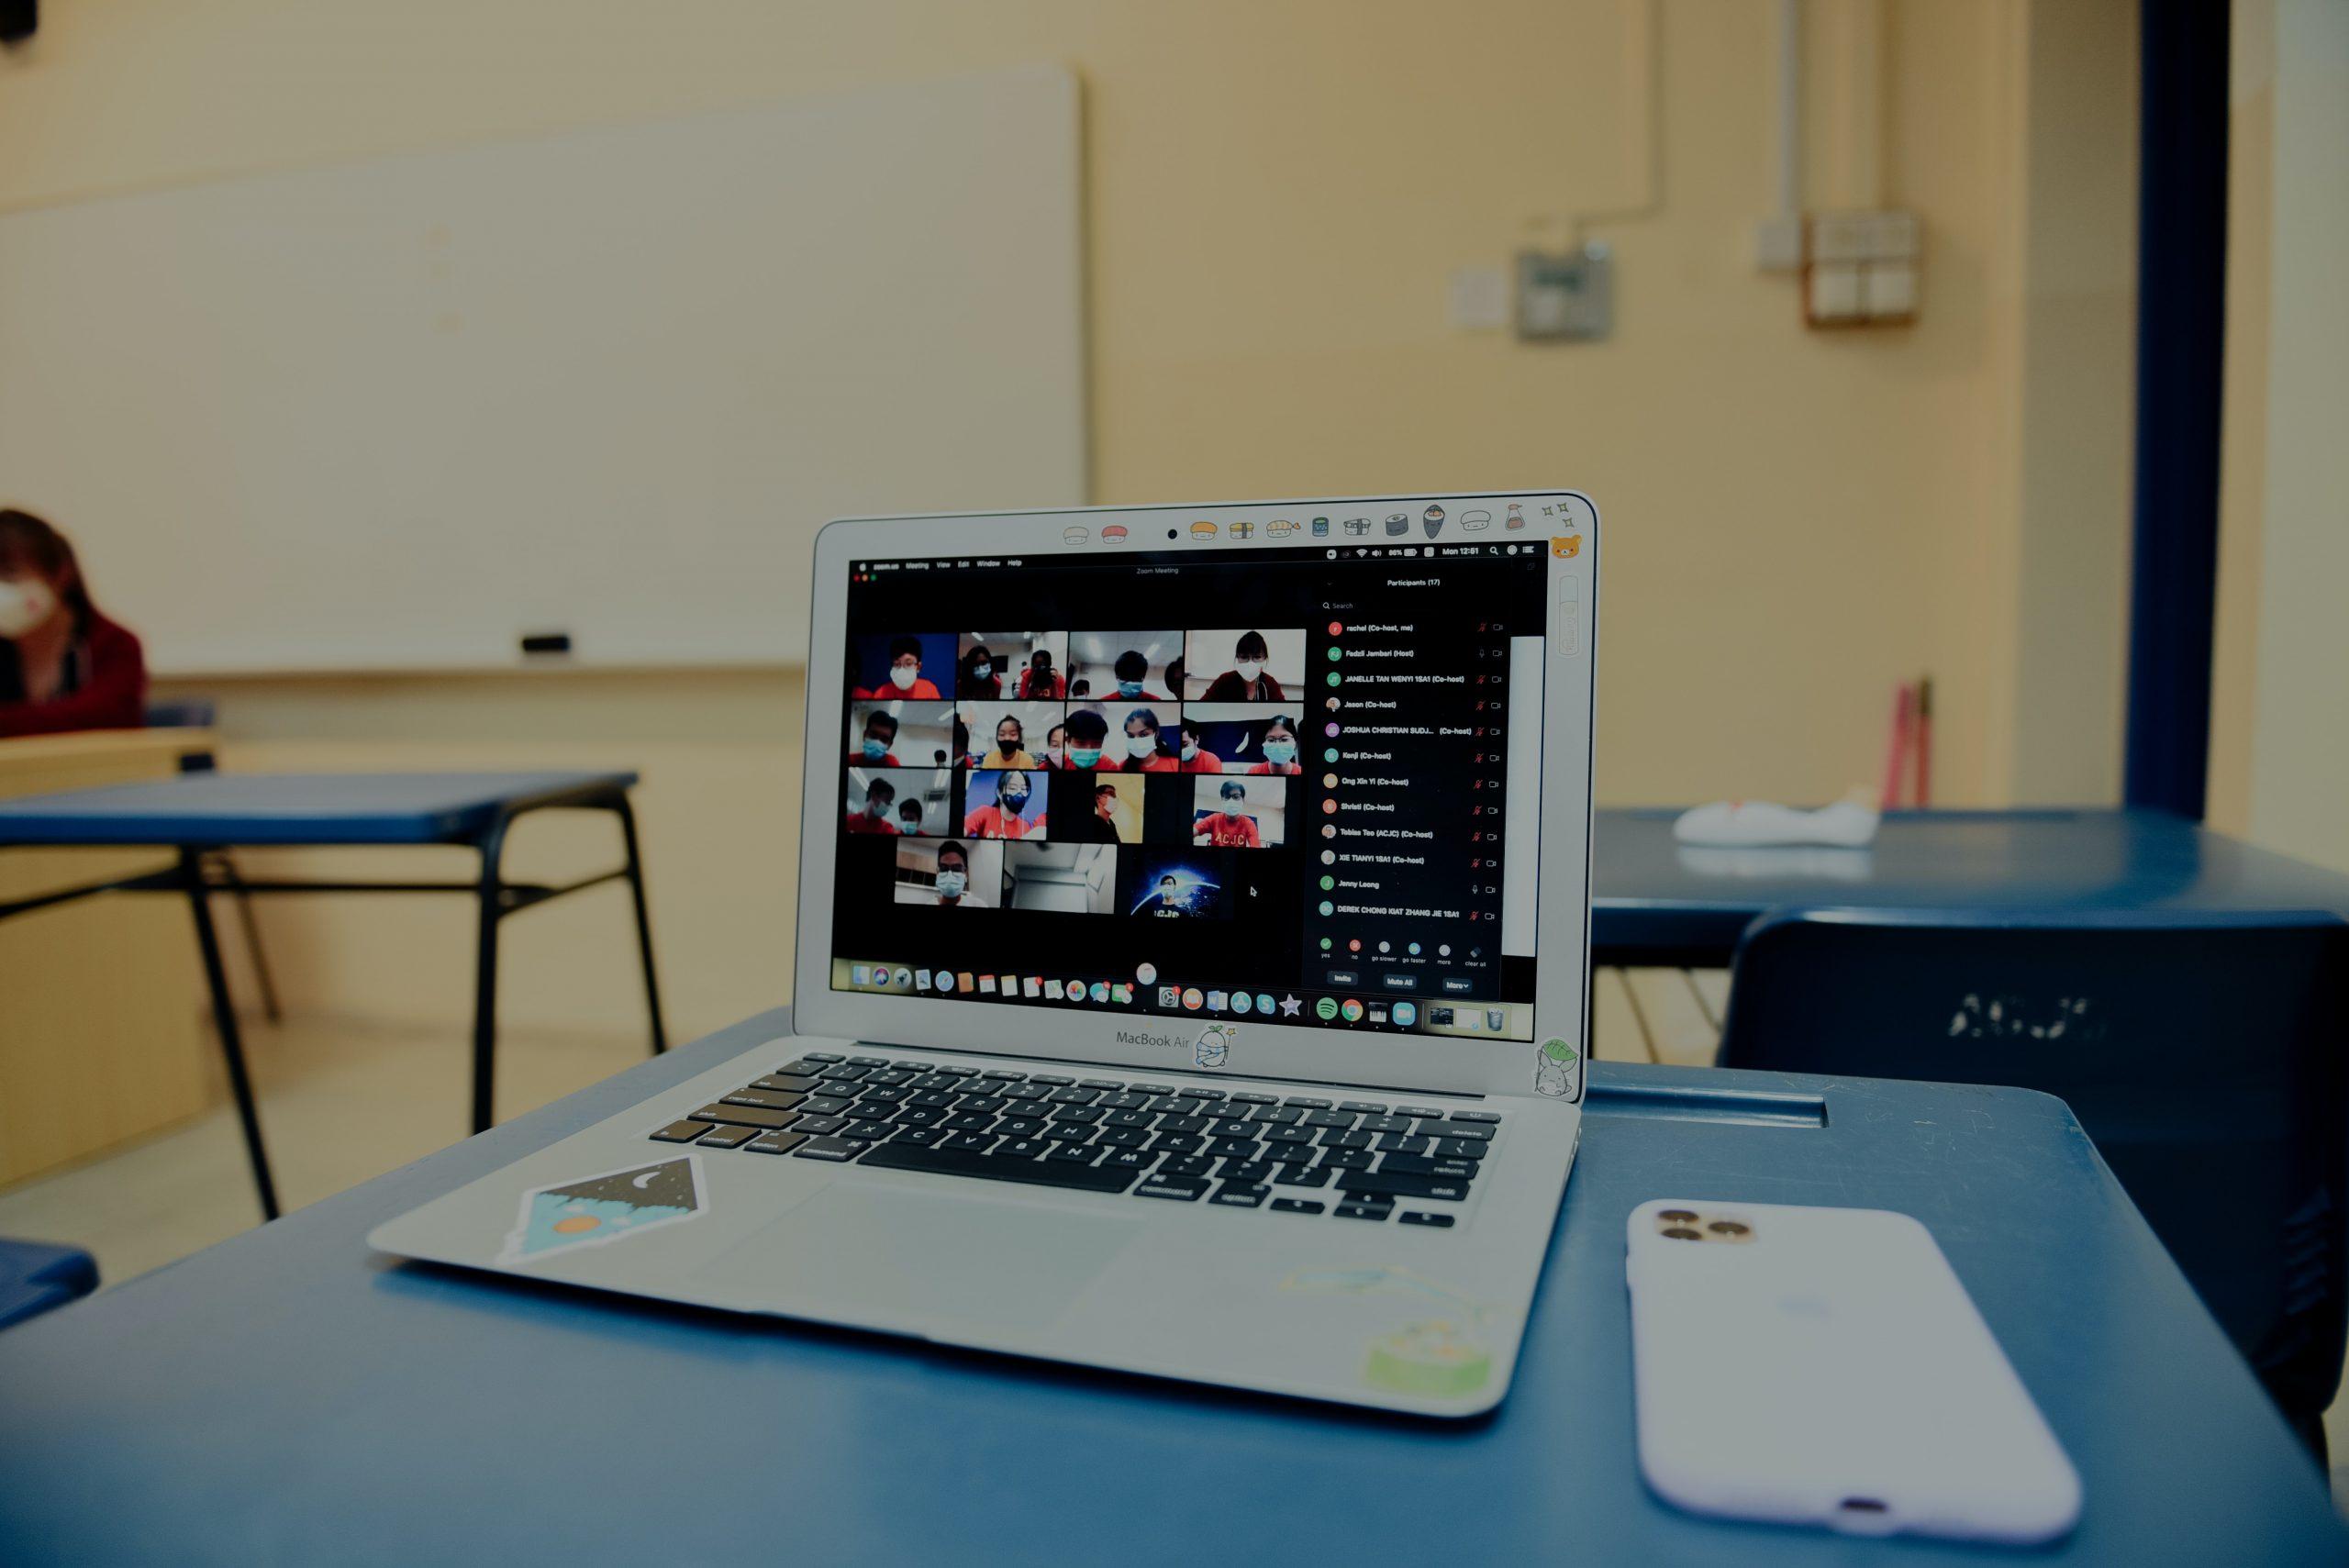 cara mengubah background di google meet